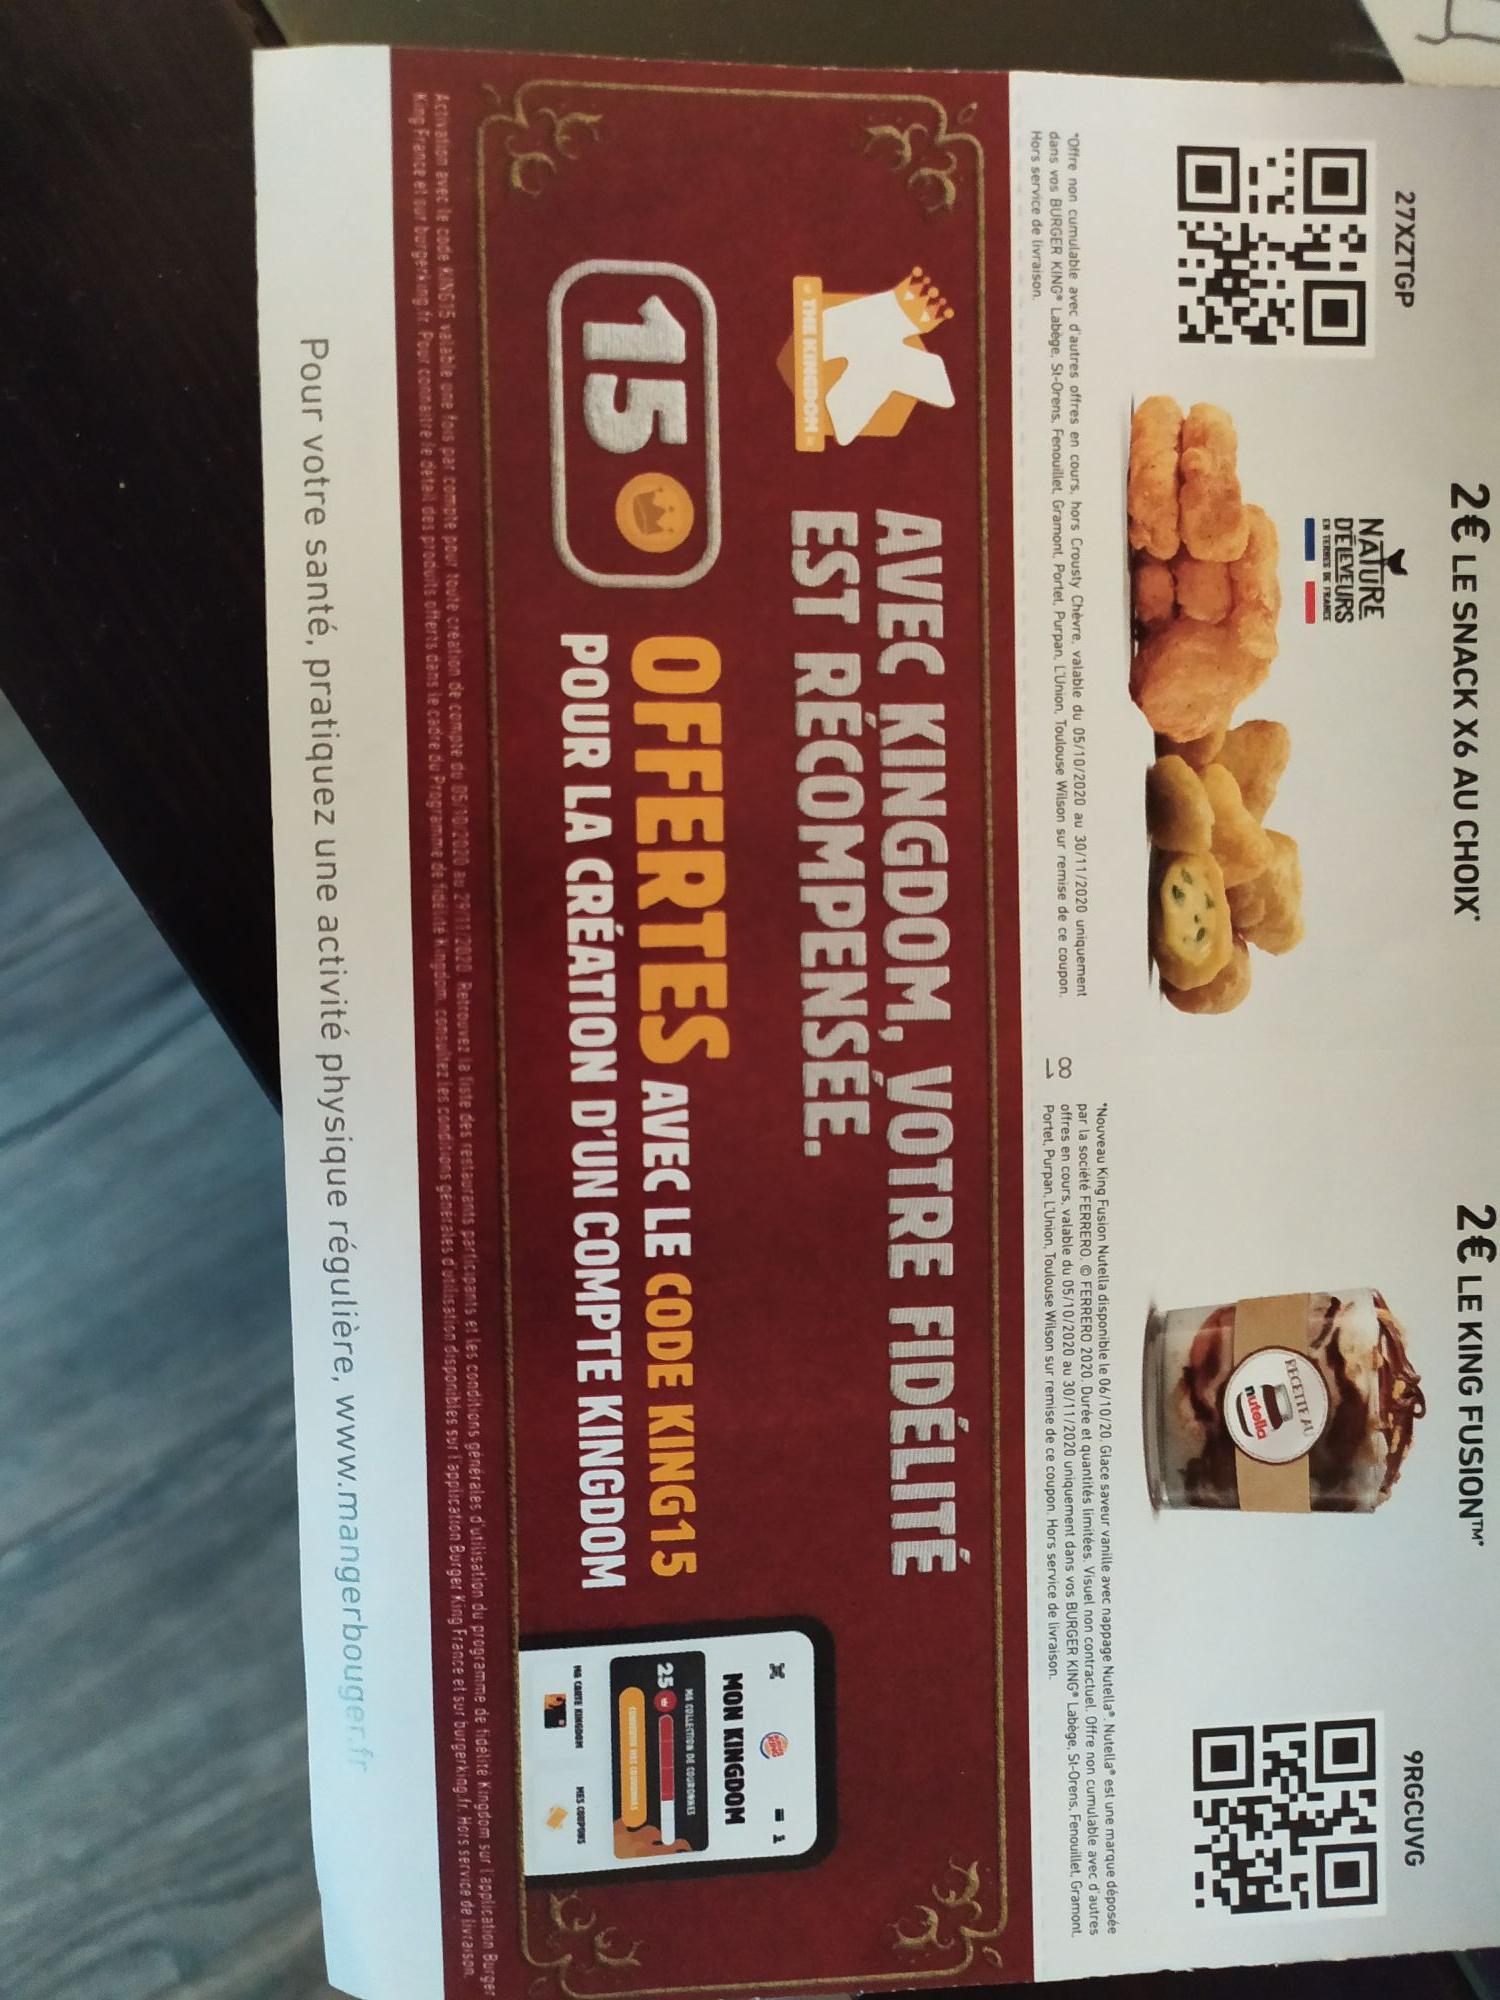 15 couronnes offertes sur l'appli Burger King pour la création d'un compte Kingdom